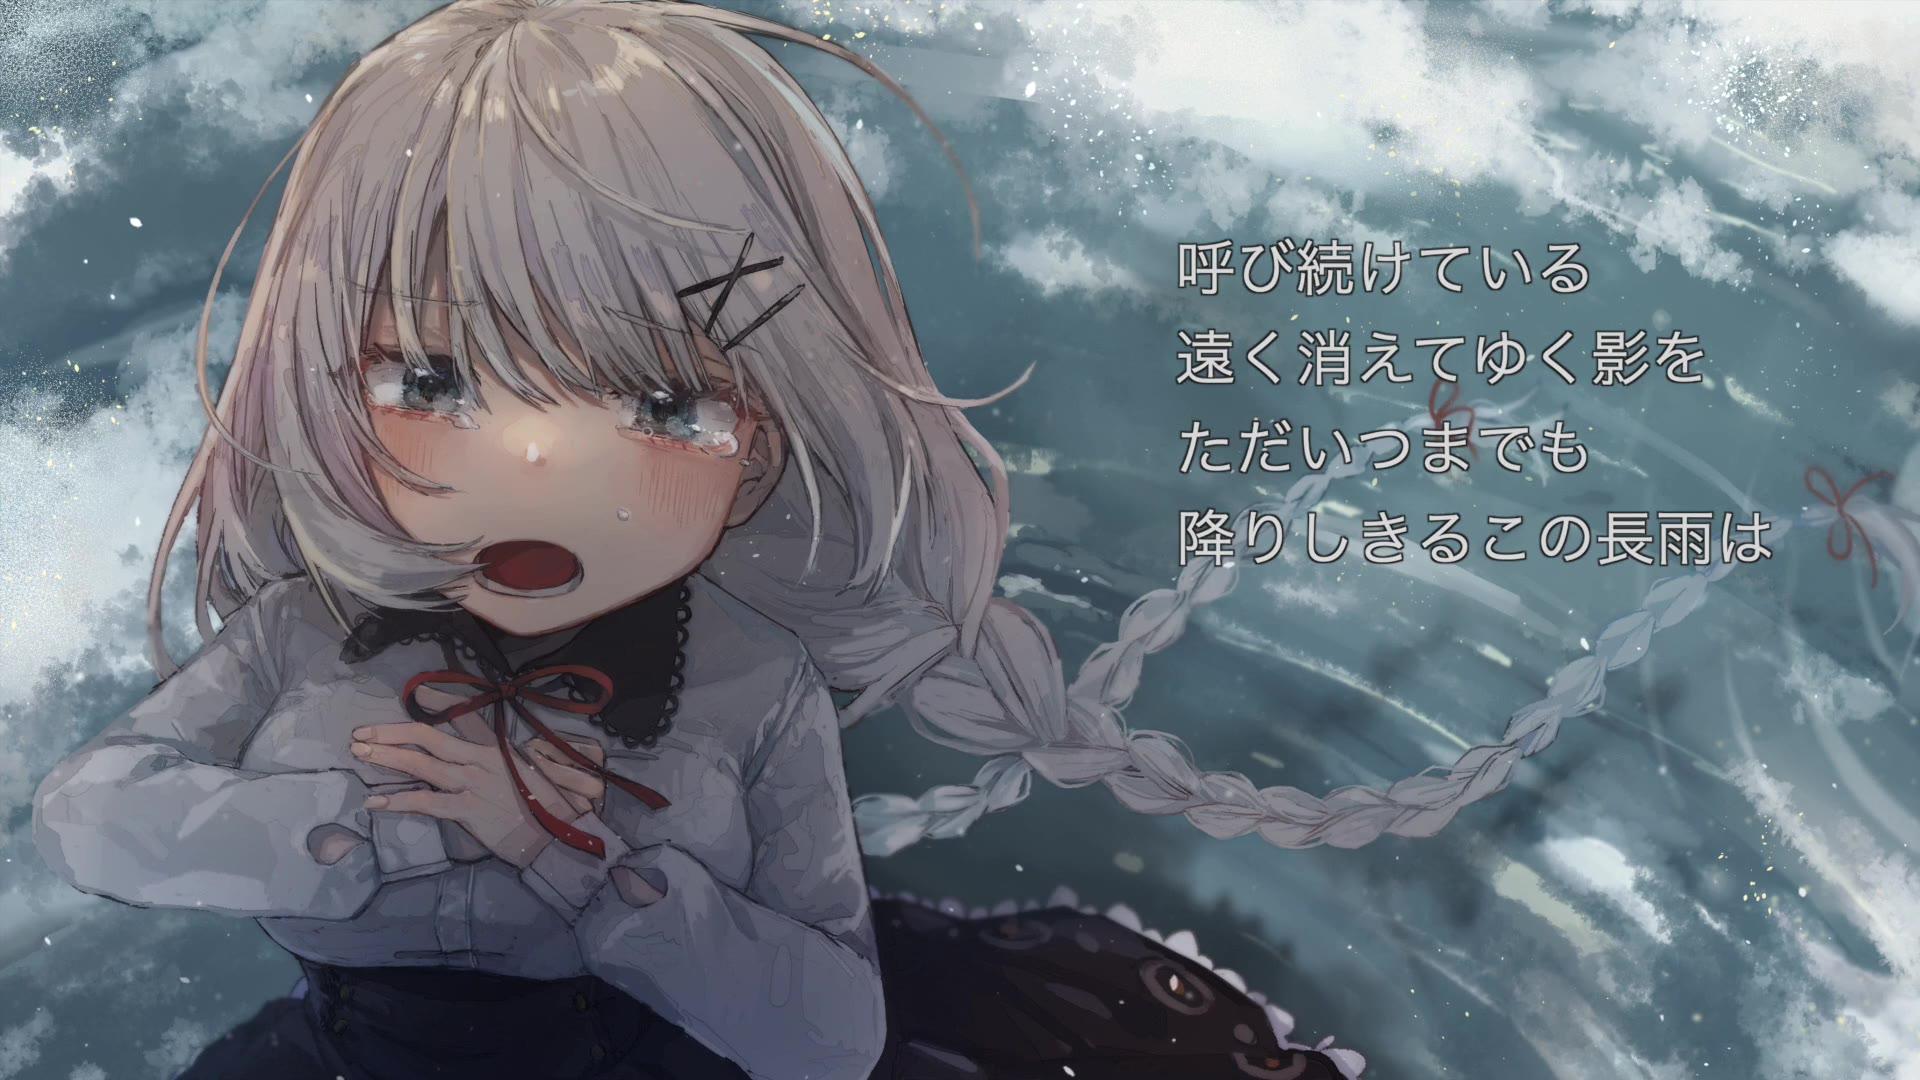 キセツノトビラ【紲星あかり】【 n_oei】